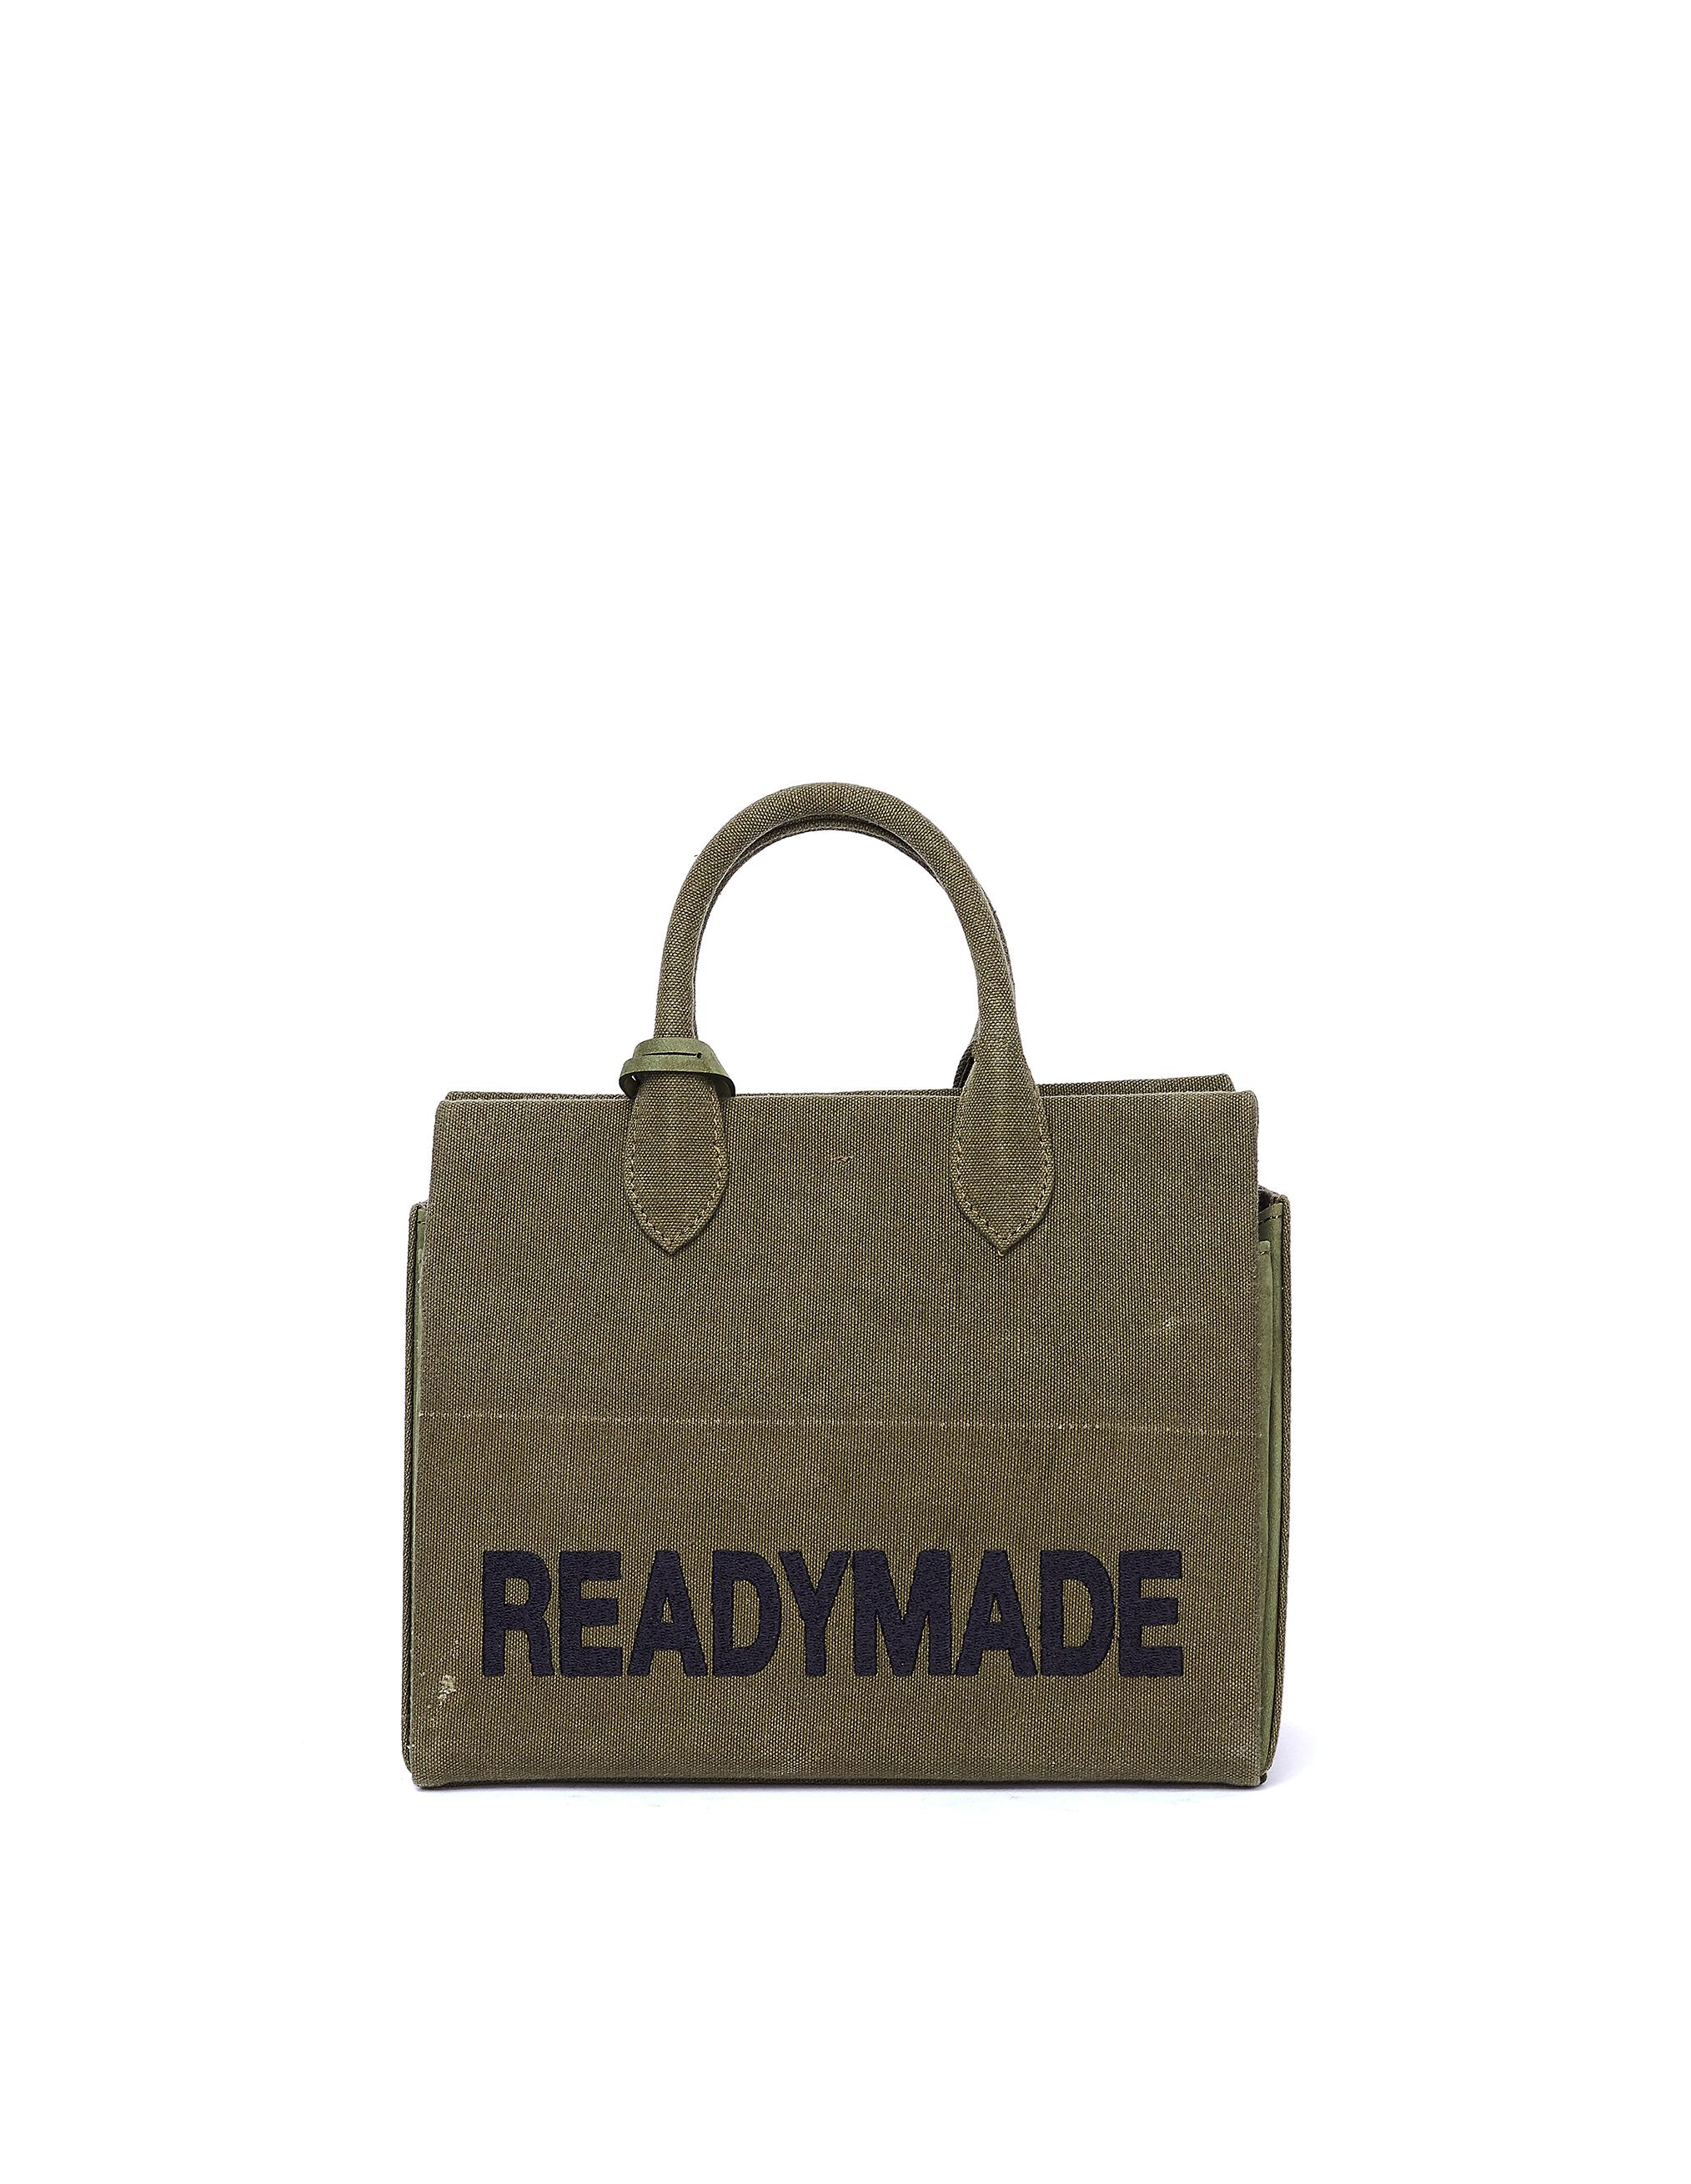 Readymade Khaki Vintage Cotton Bag